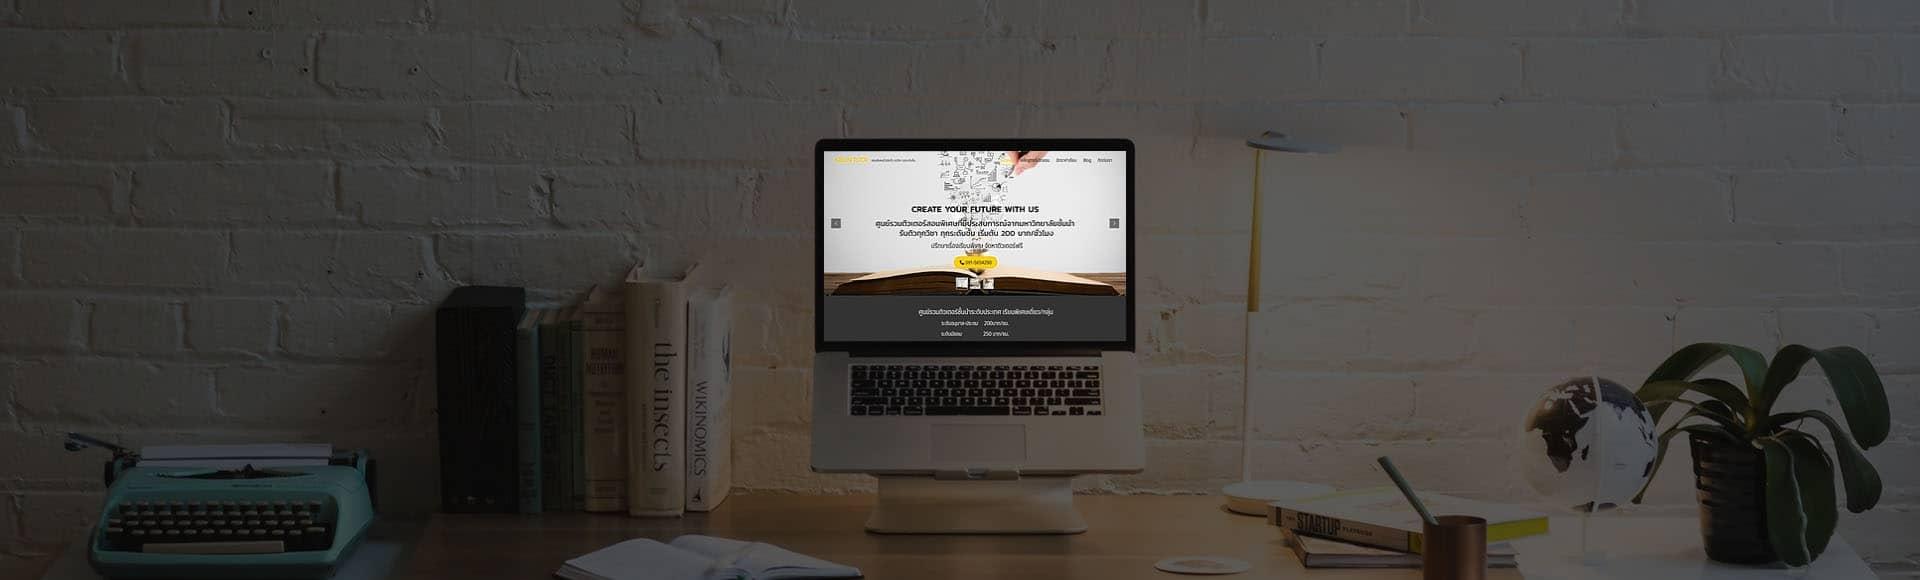 ผลงานทำเว็บไซต์ศูนย์ติวเตอร์สอนพิเศษ   บริการรับทำเว็บไซต์ ออกแบบเว็บไซต์